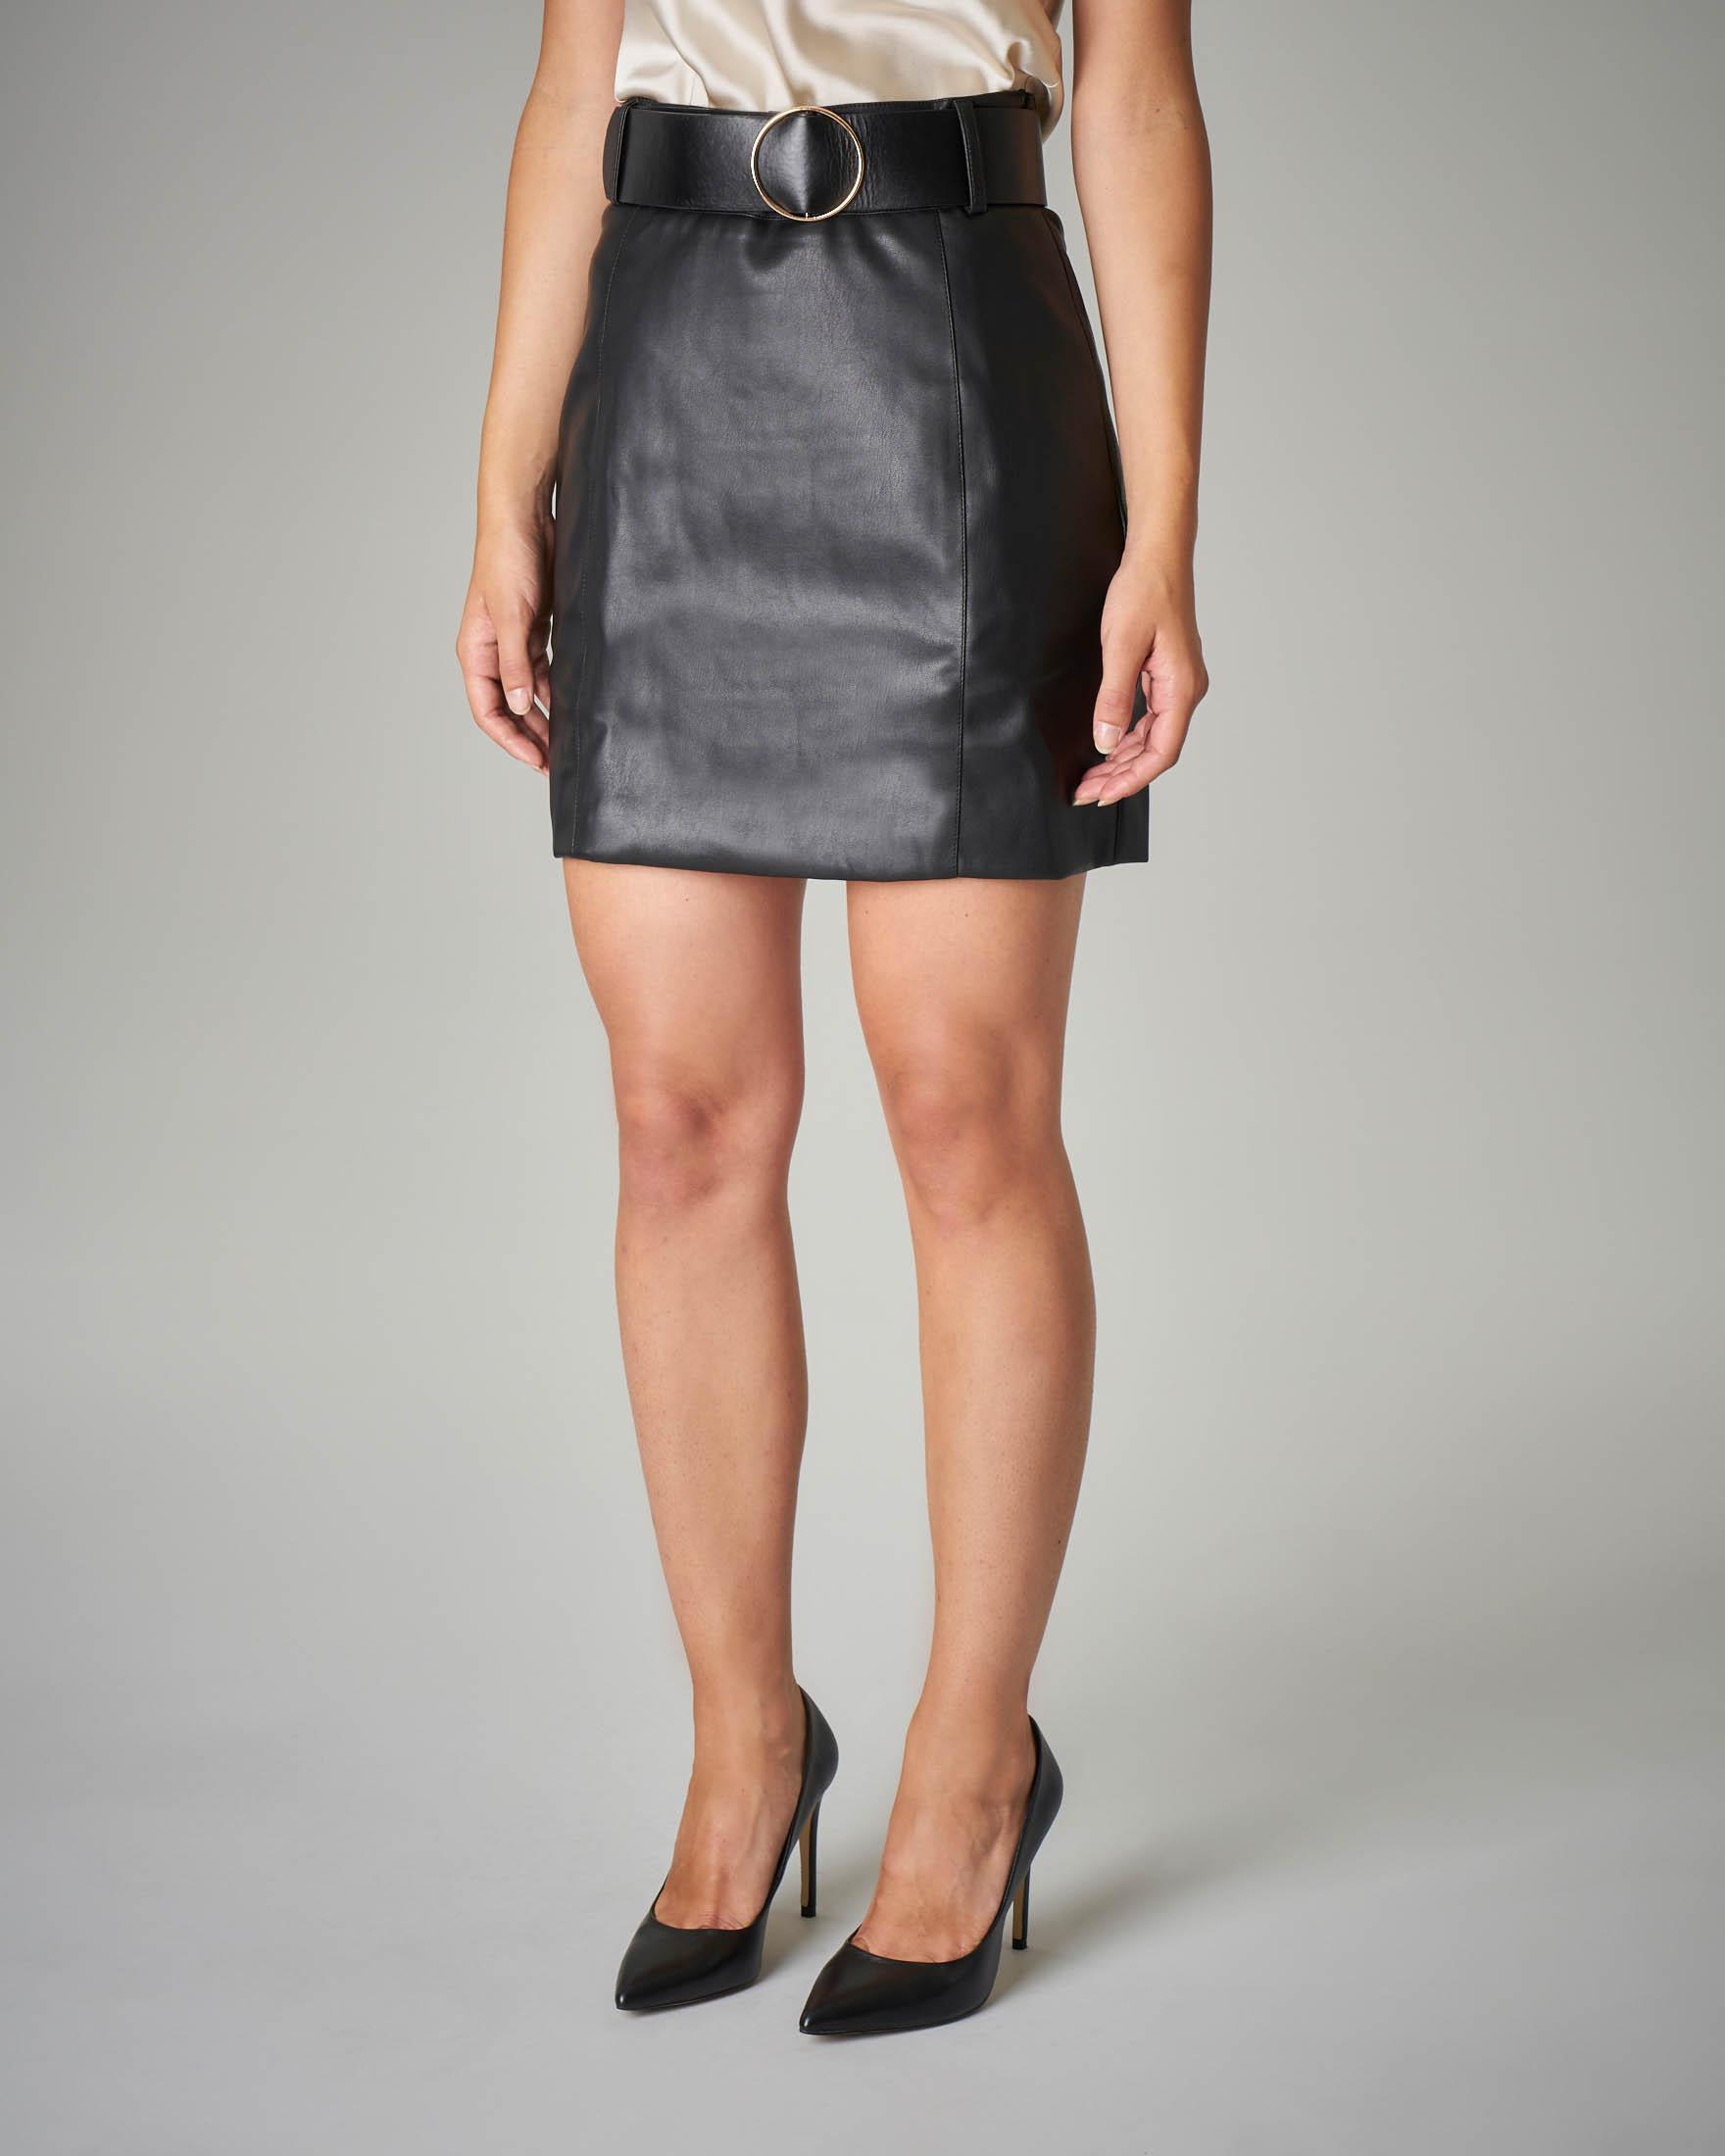 Minigonna nera in similpellet con cintura